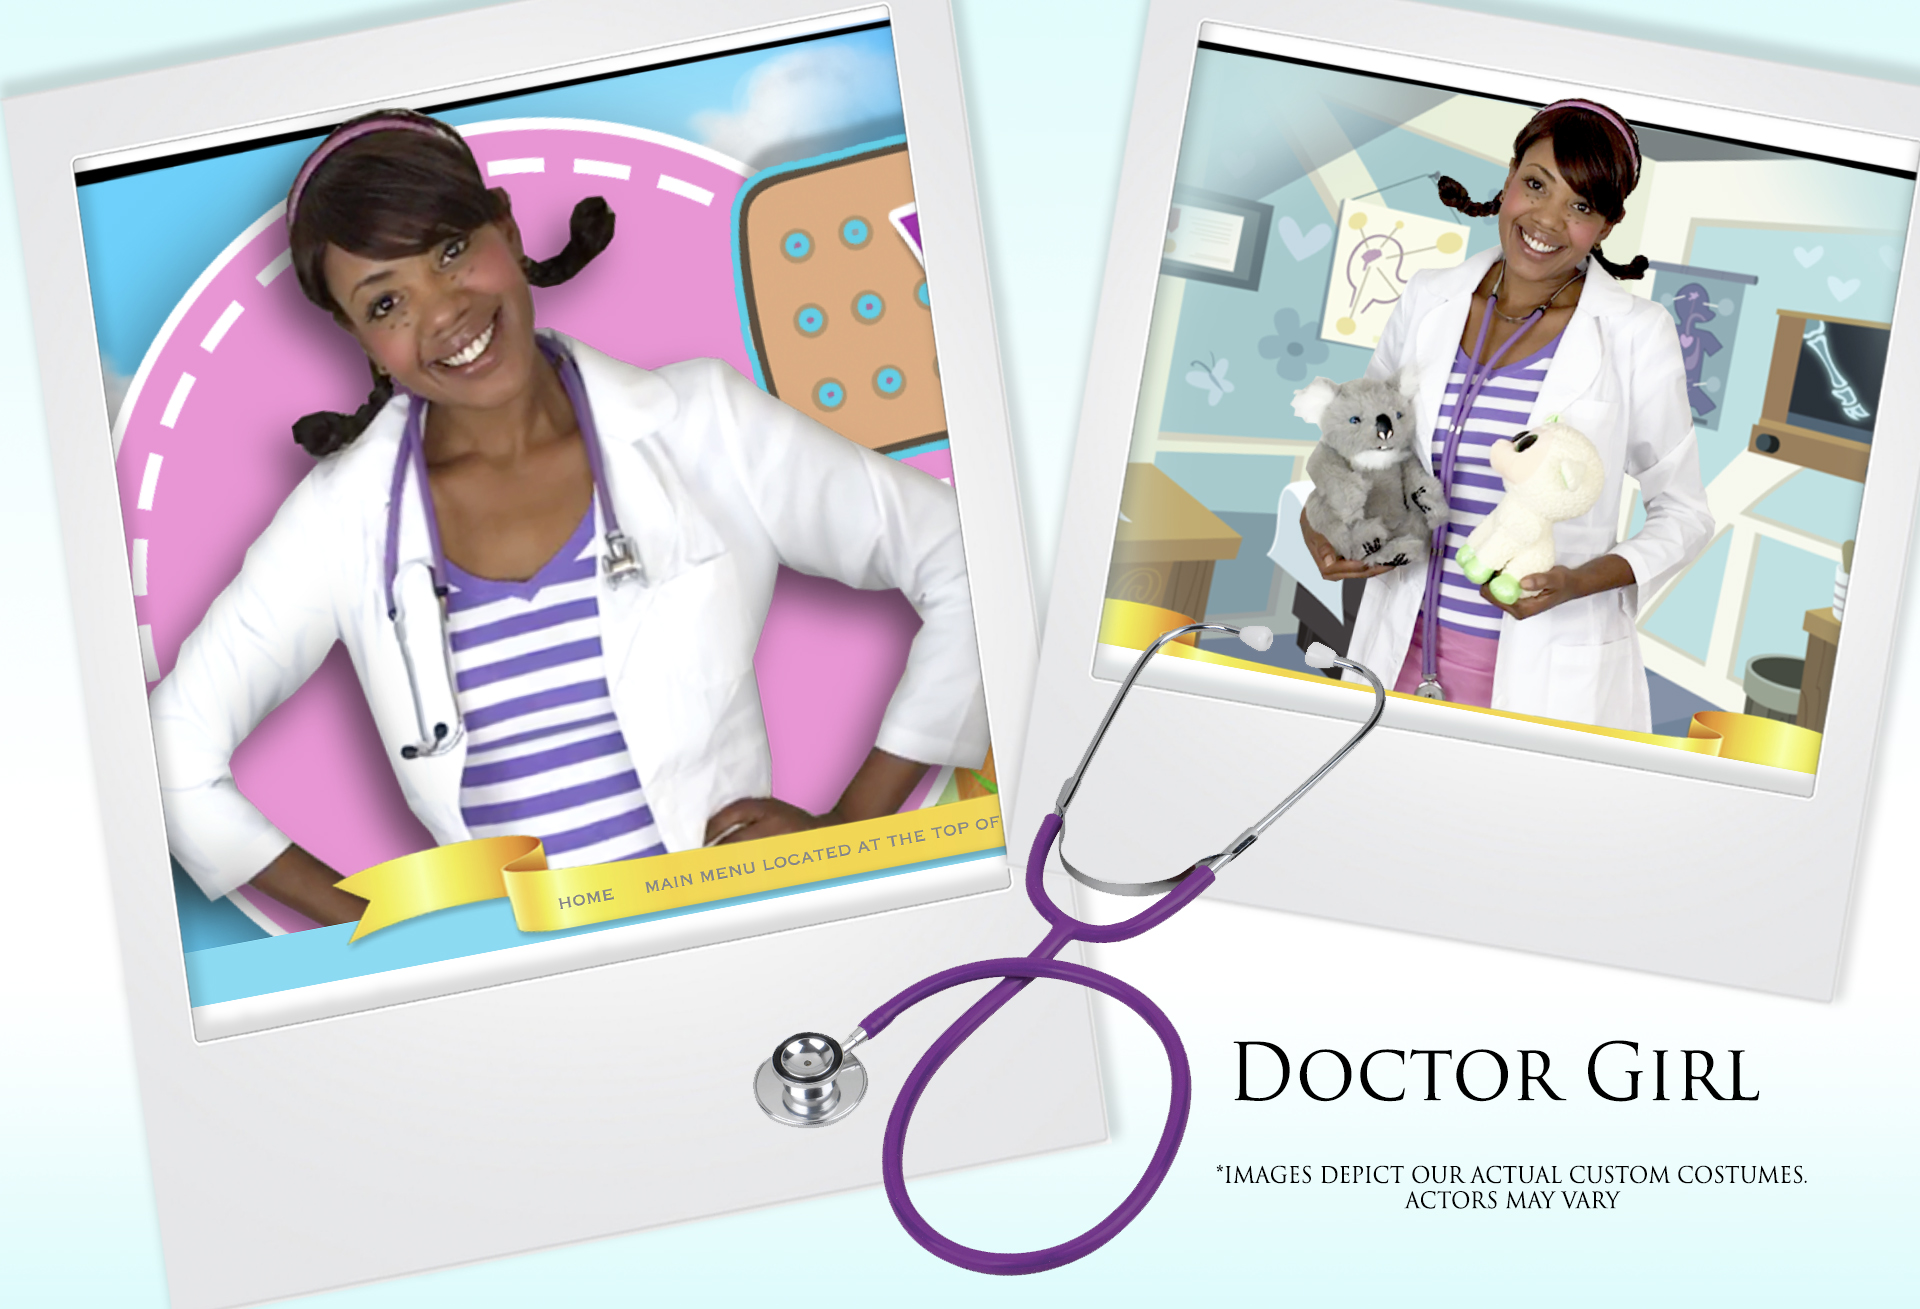 Doctor Girl